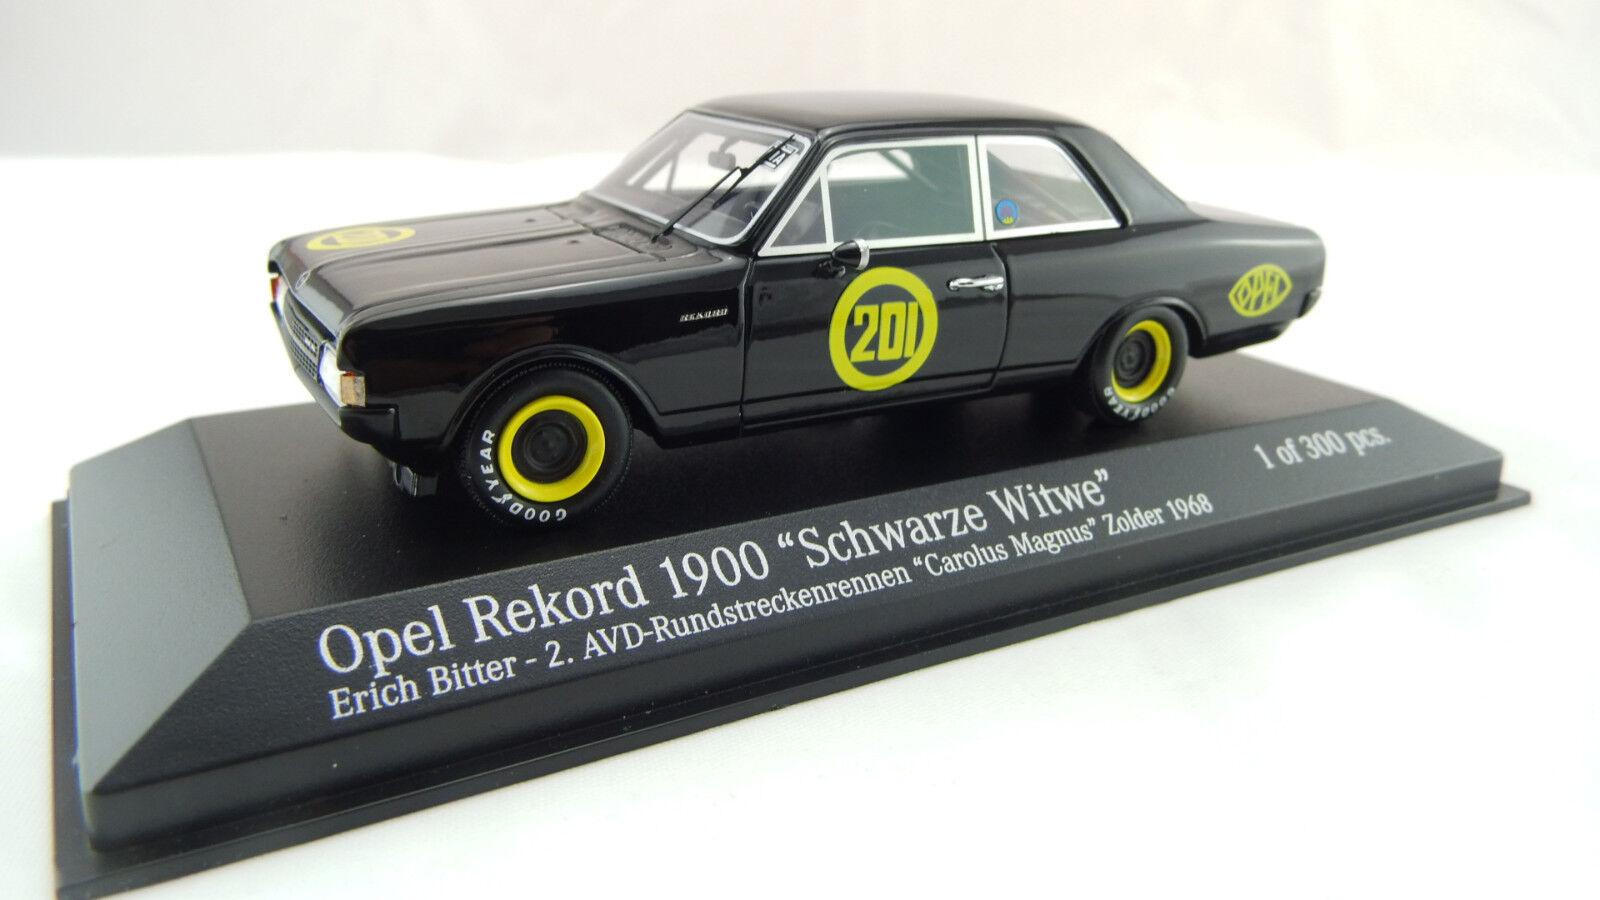 Minichamps 1 43 Opel Rekord 1900 Schwarze Witwe Erich Bitter 437684601 Neu OVP    Vorzügliche Verarbeitung